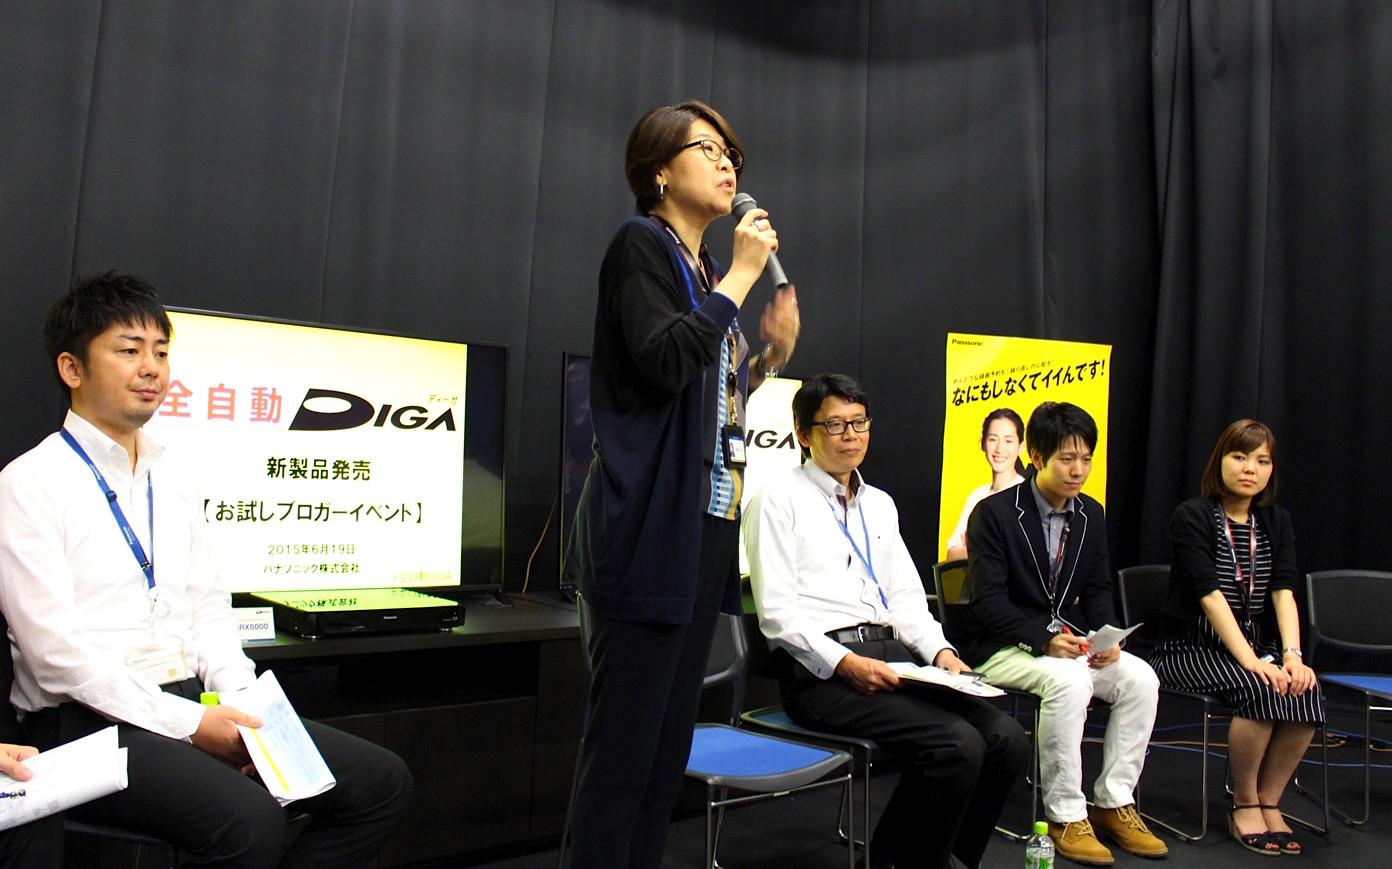 パナソニック『全自動DIGAお試しブロガーイベント』に参加。開発陣の熱い思いを聞いてきました